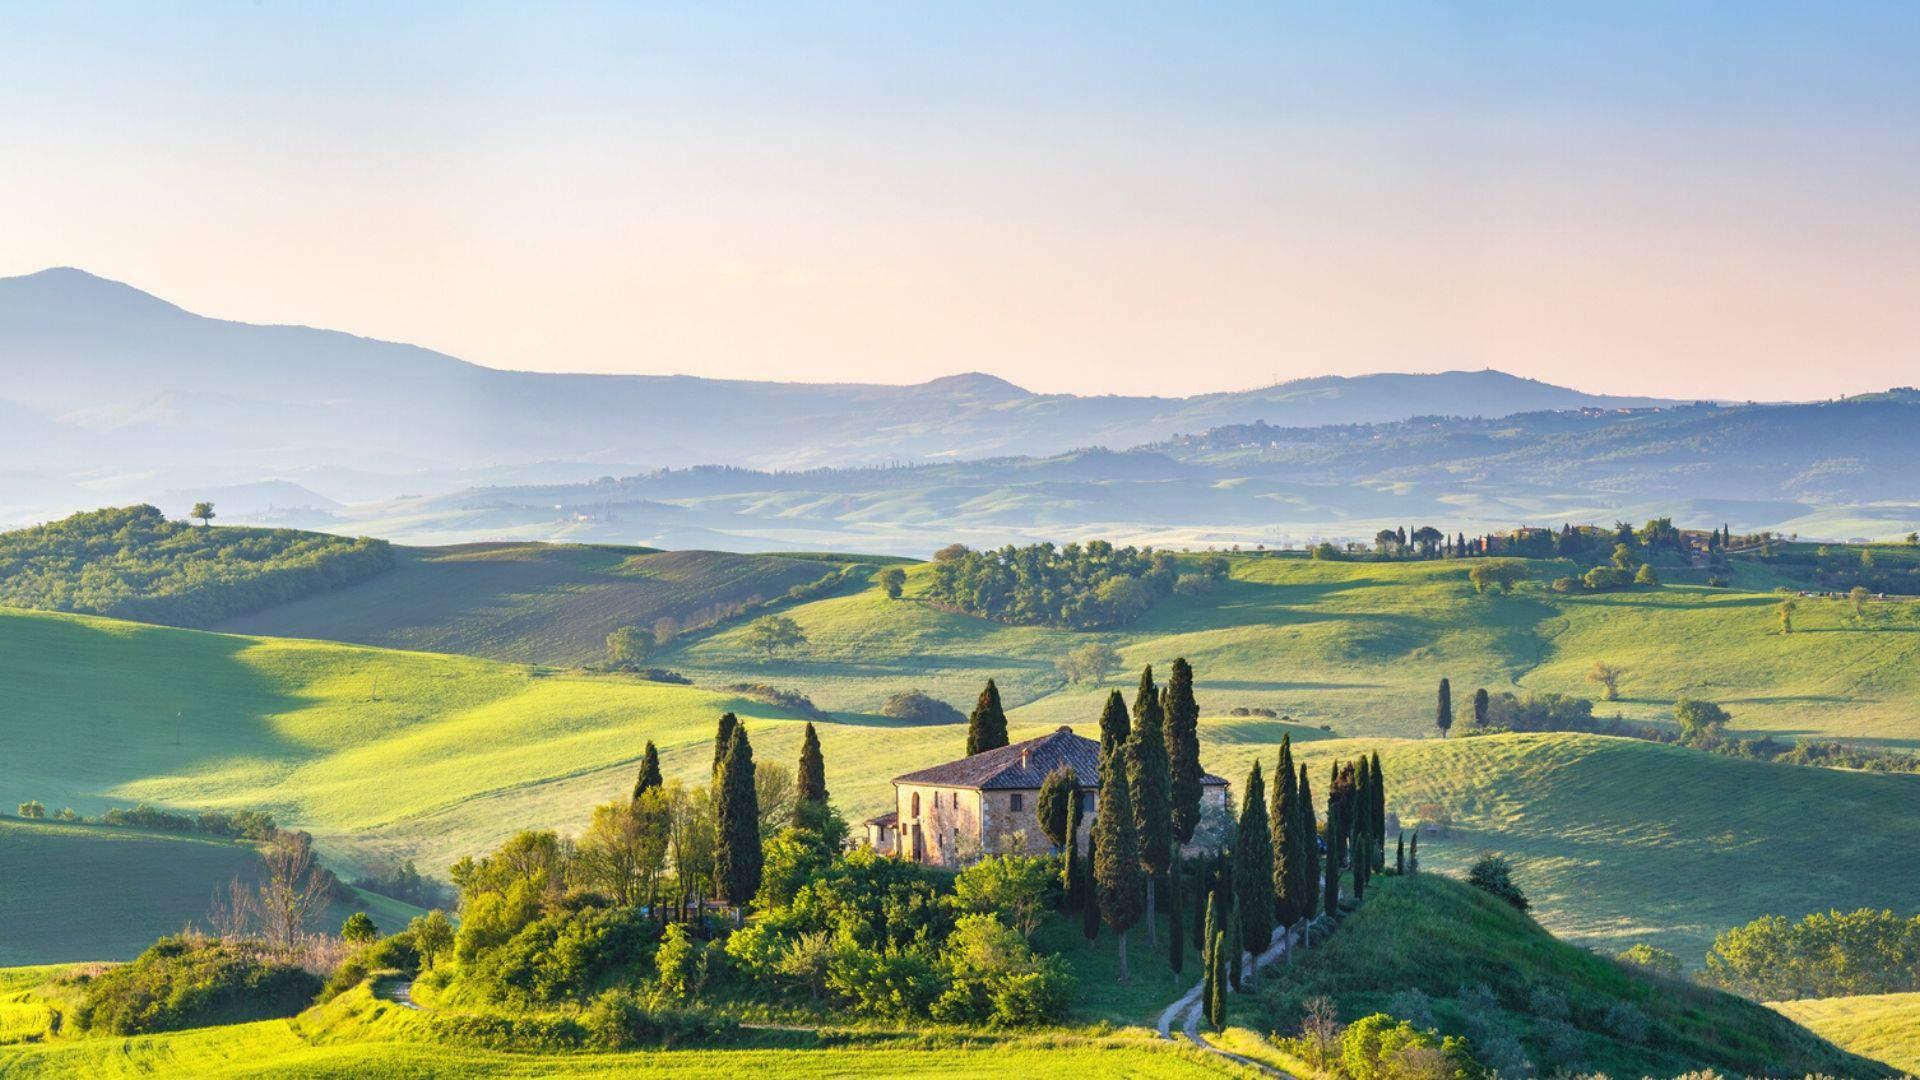 Trumpa kelionė į Italiją – pažinčiai su nuostabia gamta